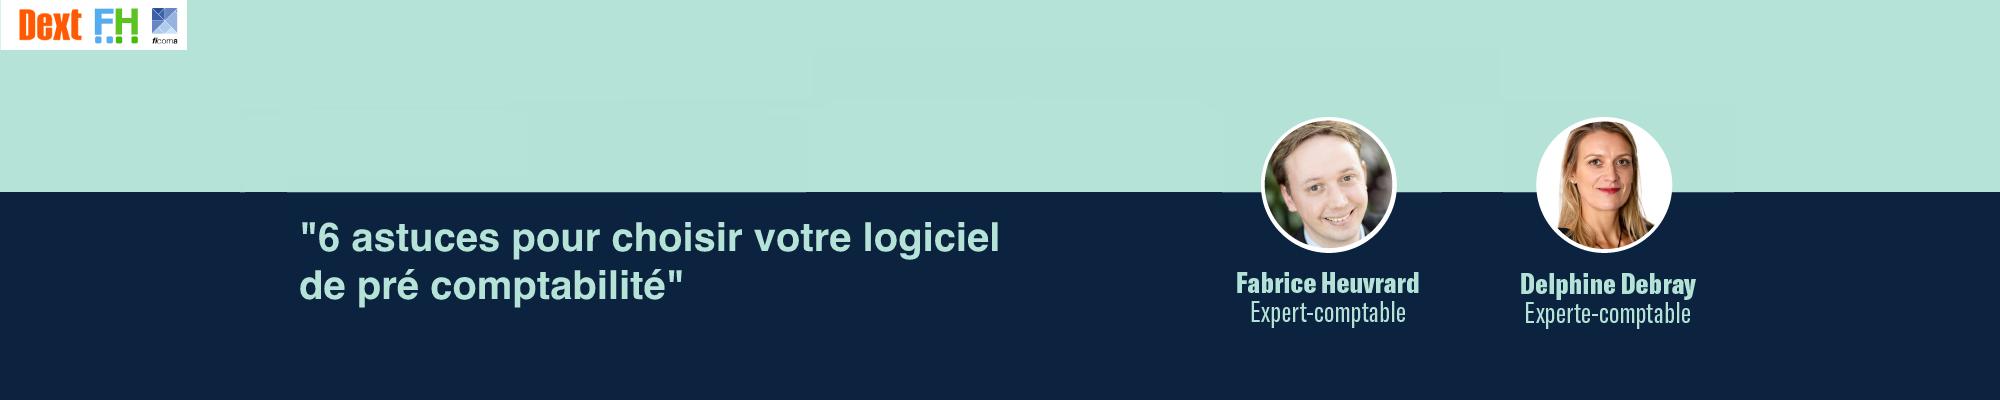 fr - webinaire - tlw fh 6 (1)